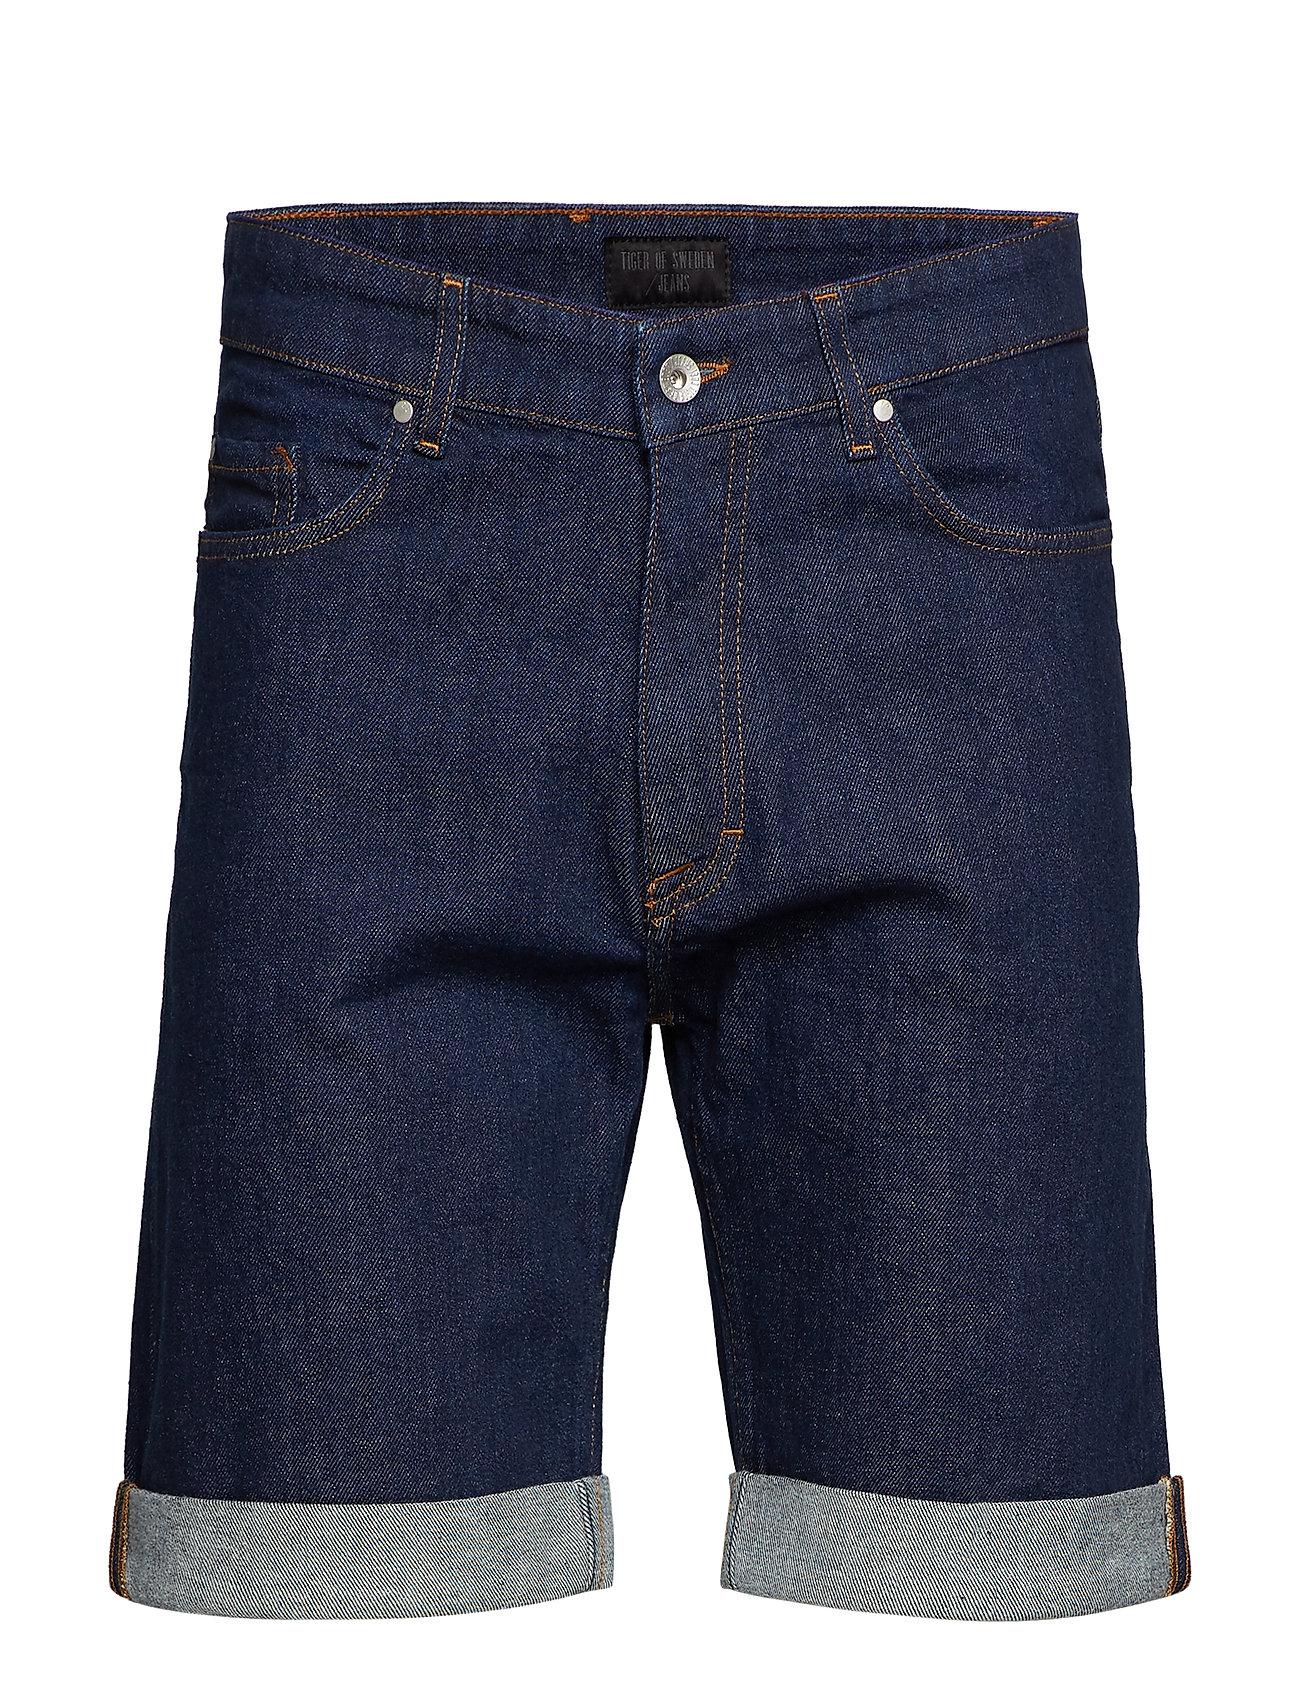 Tiger of Sweden Jeans ASH - MIDNIGHT BLUE